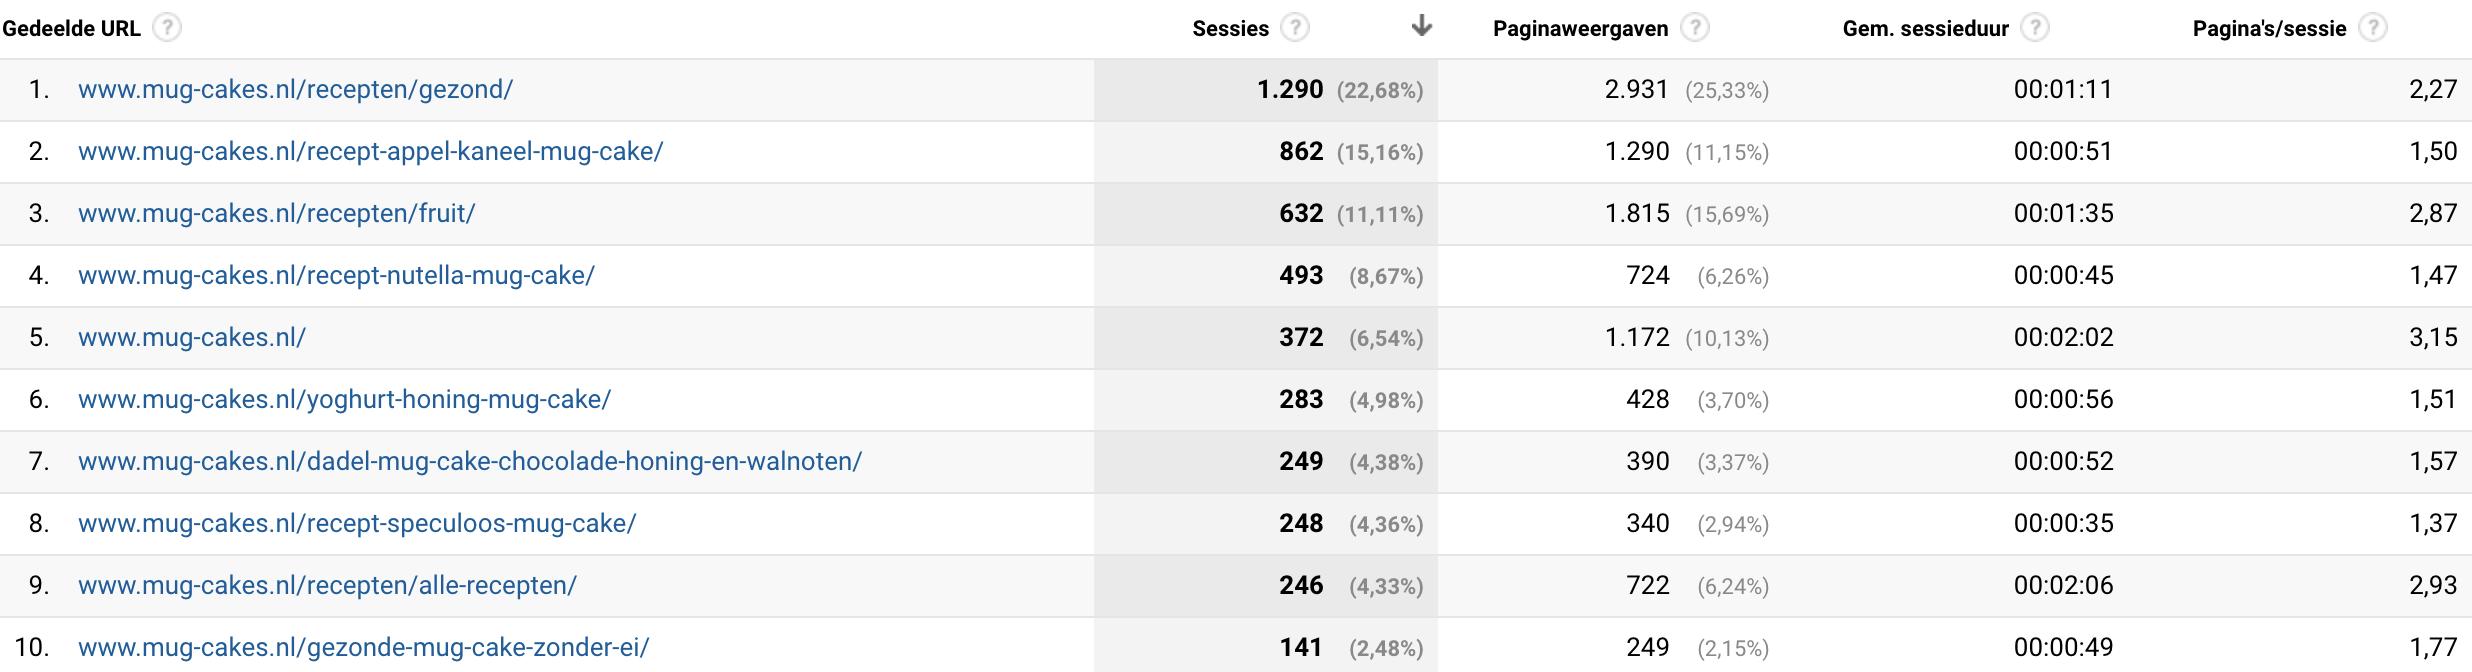 gedeelde url's Google Analytics